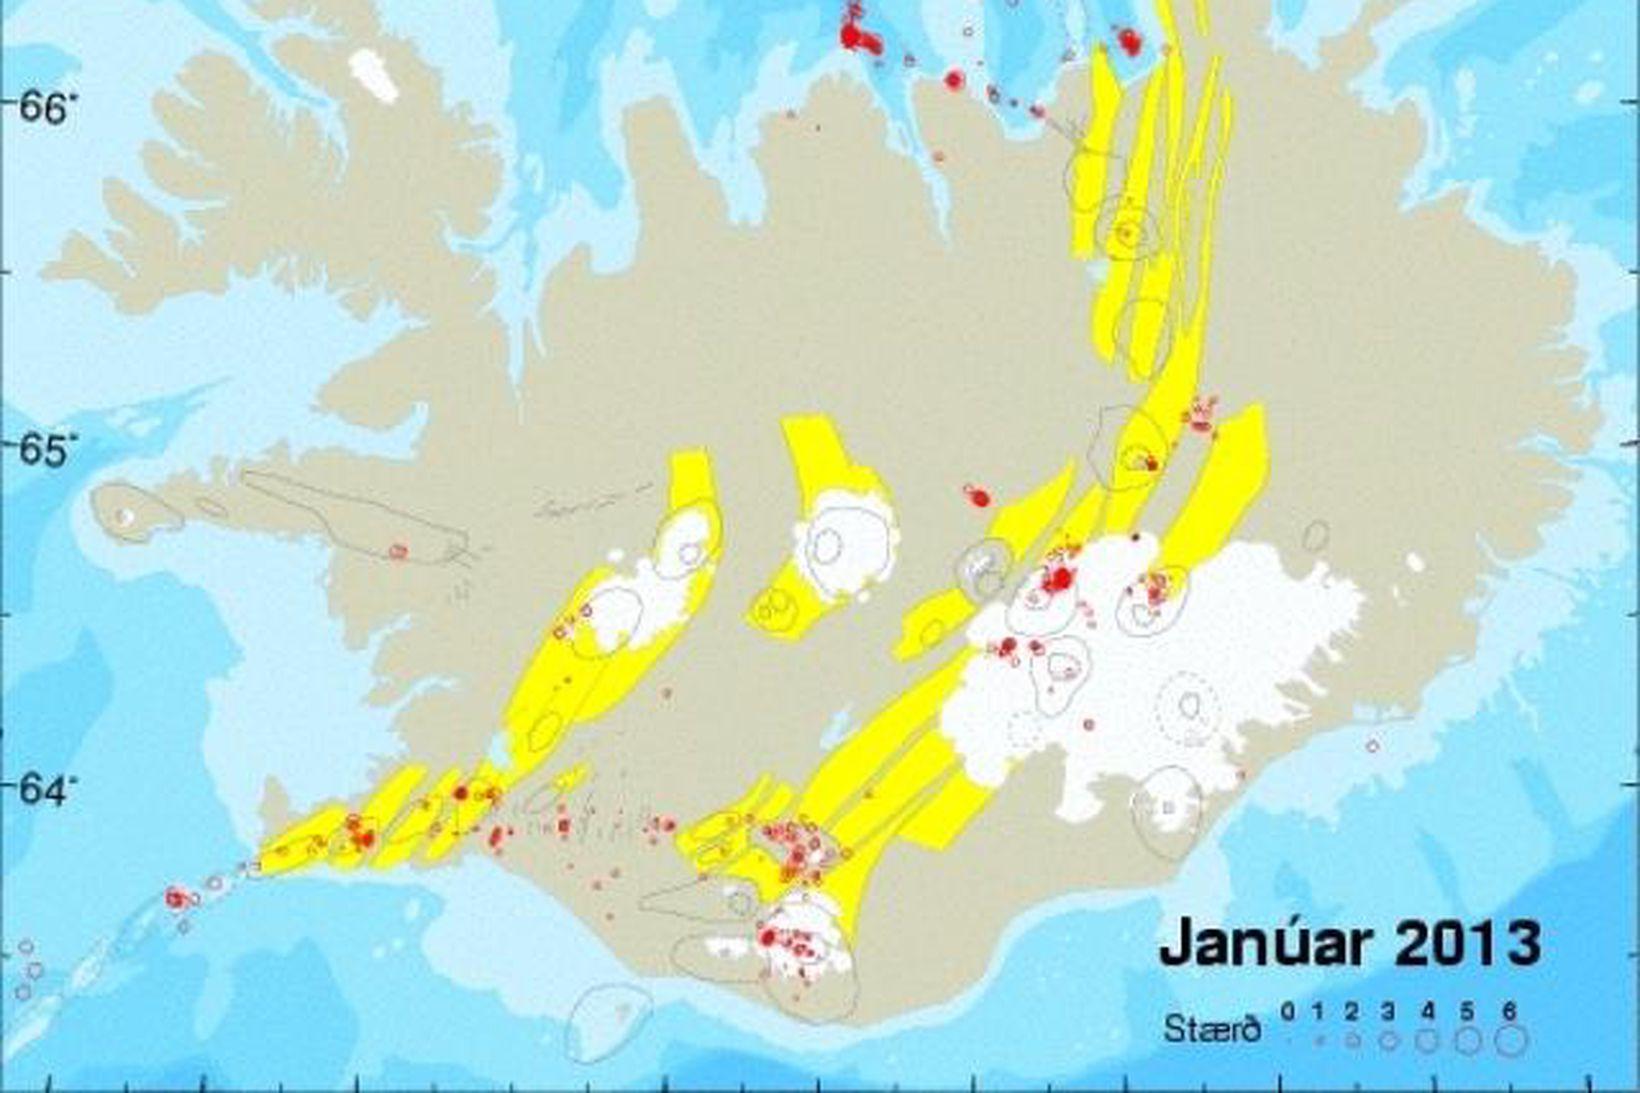 Upptök jarðskjálfta á Íslandi í janúar 2013. Rauðir hringir tákna …